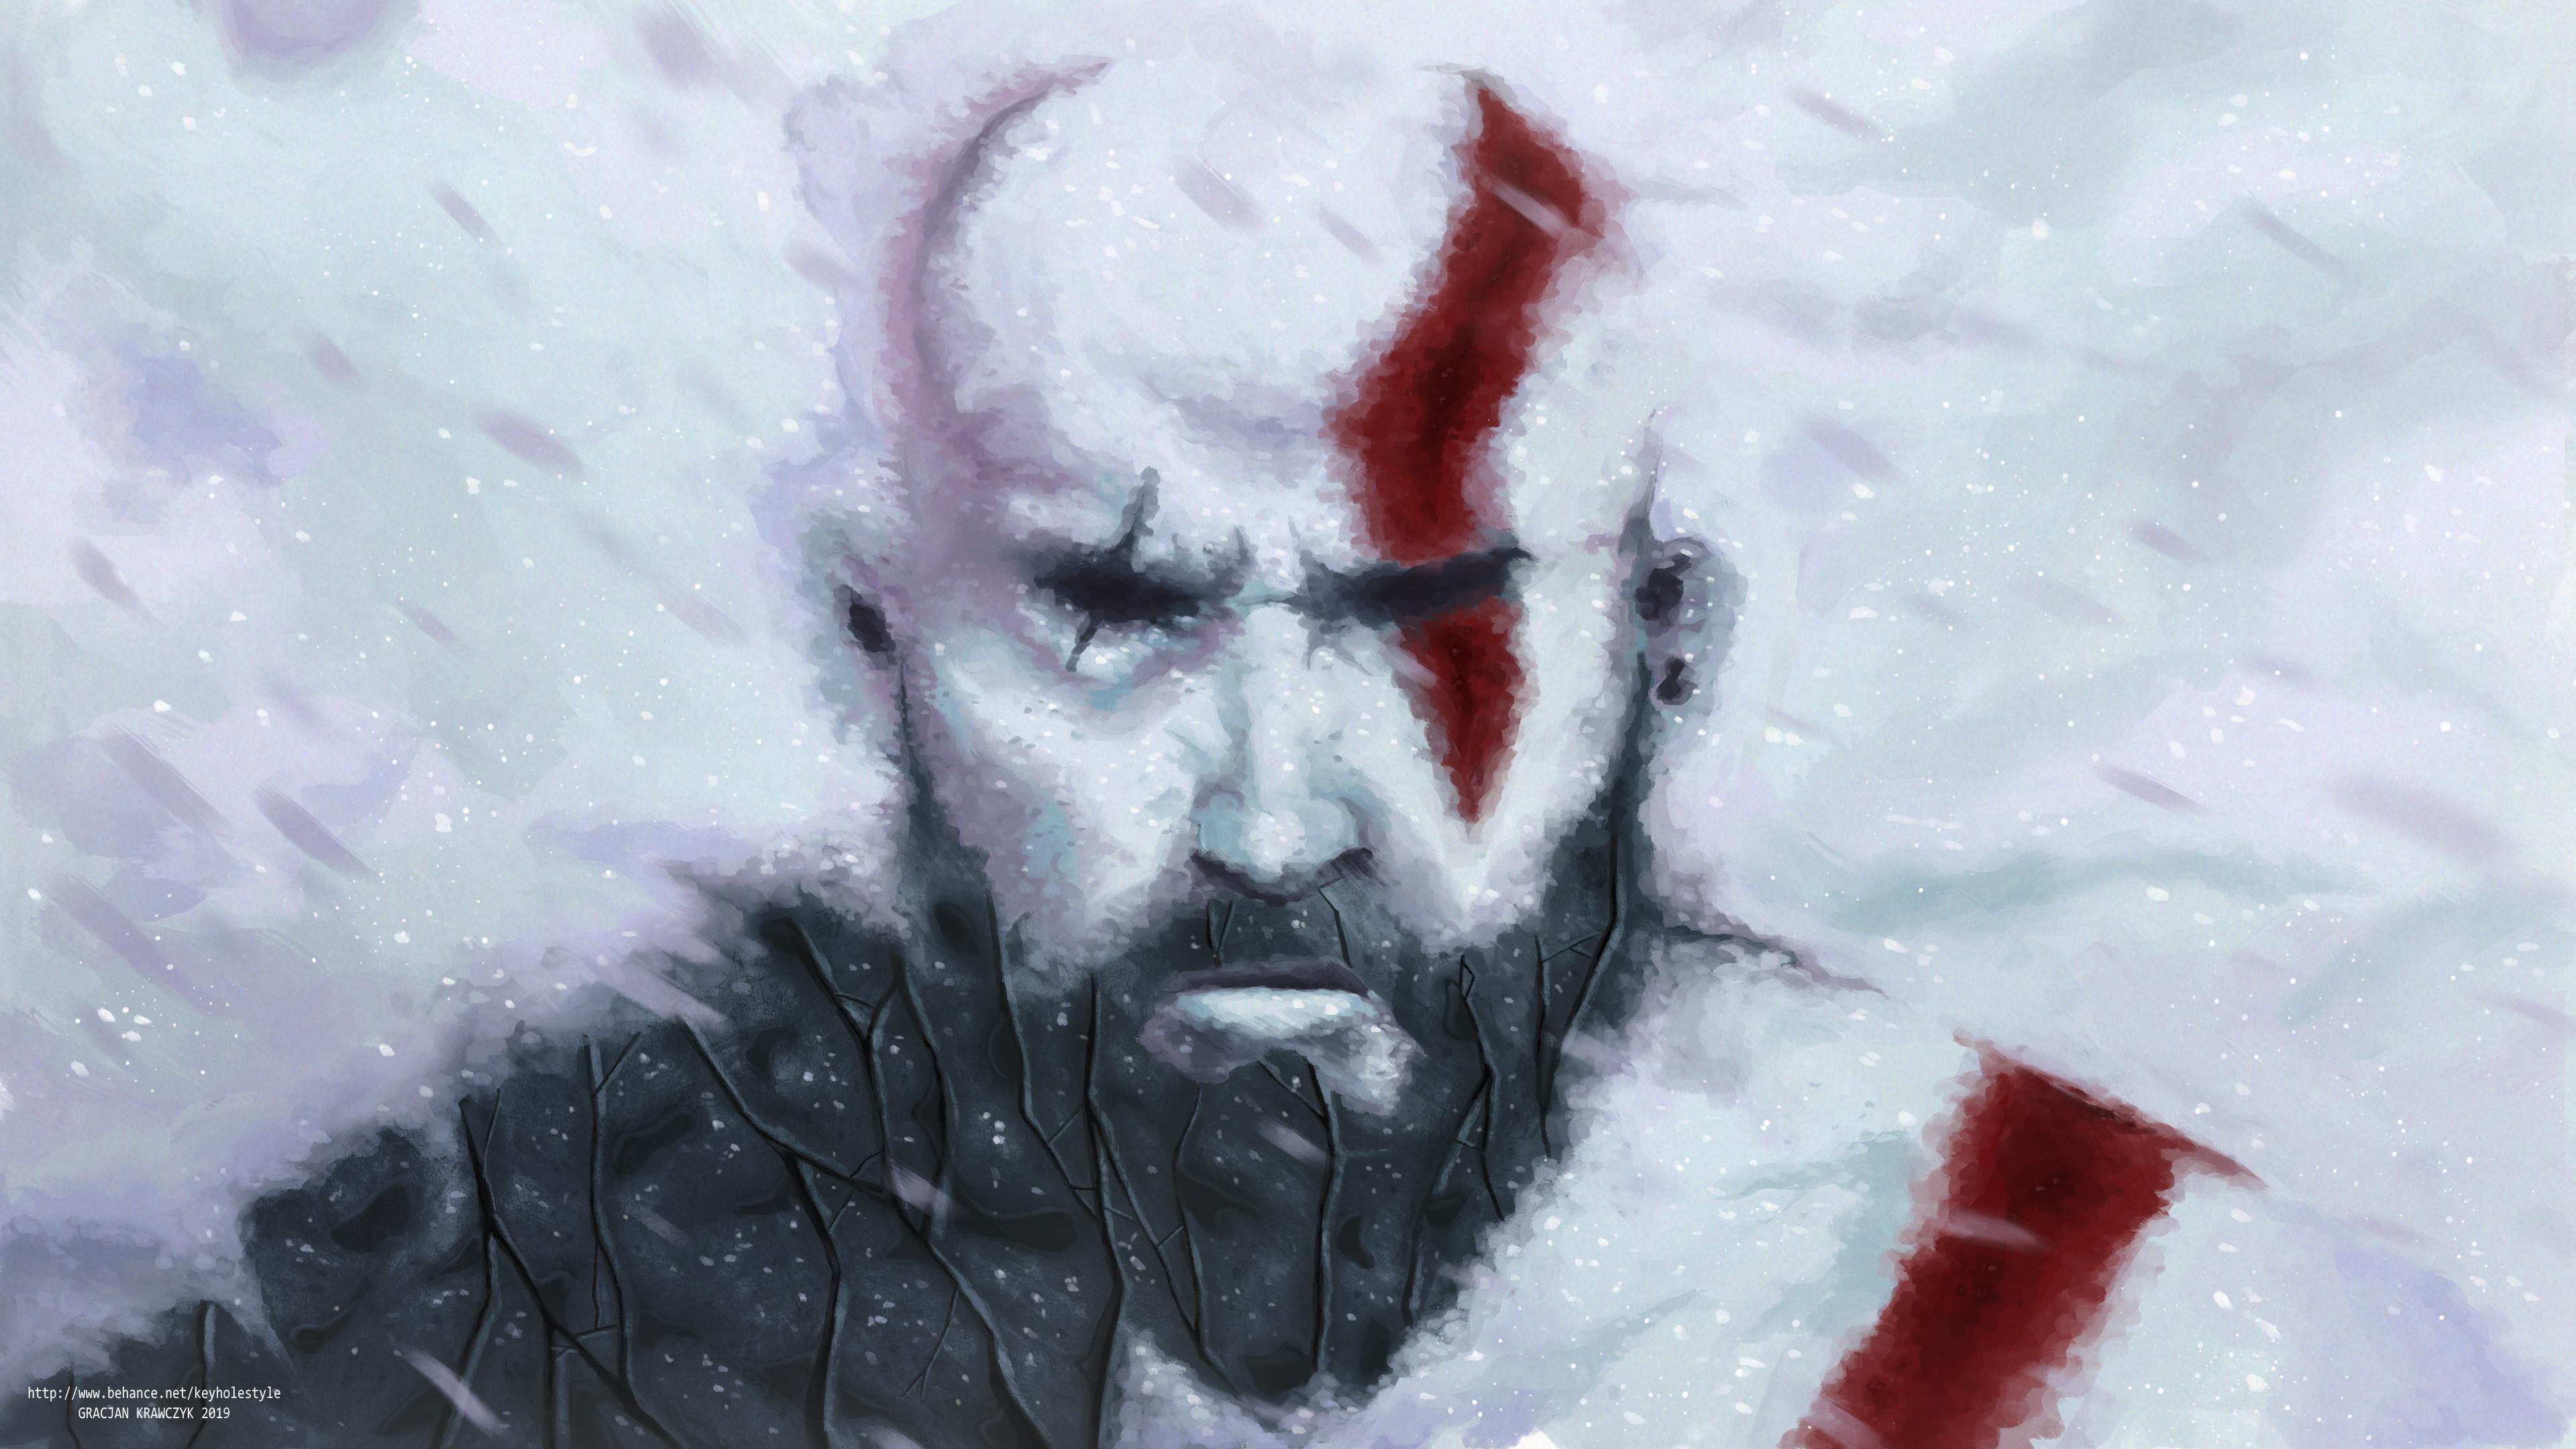 Wallpaper Kratos God Of War Video Games 3840x2160